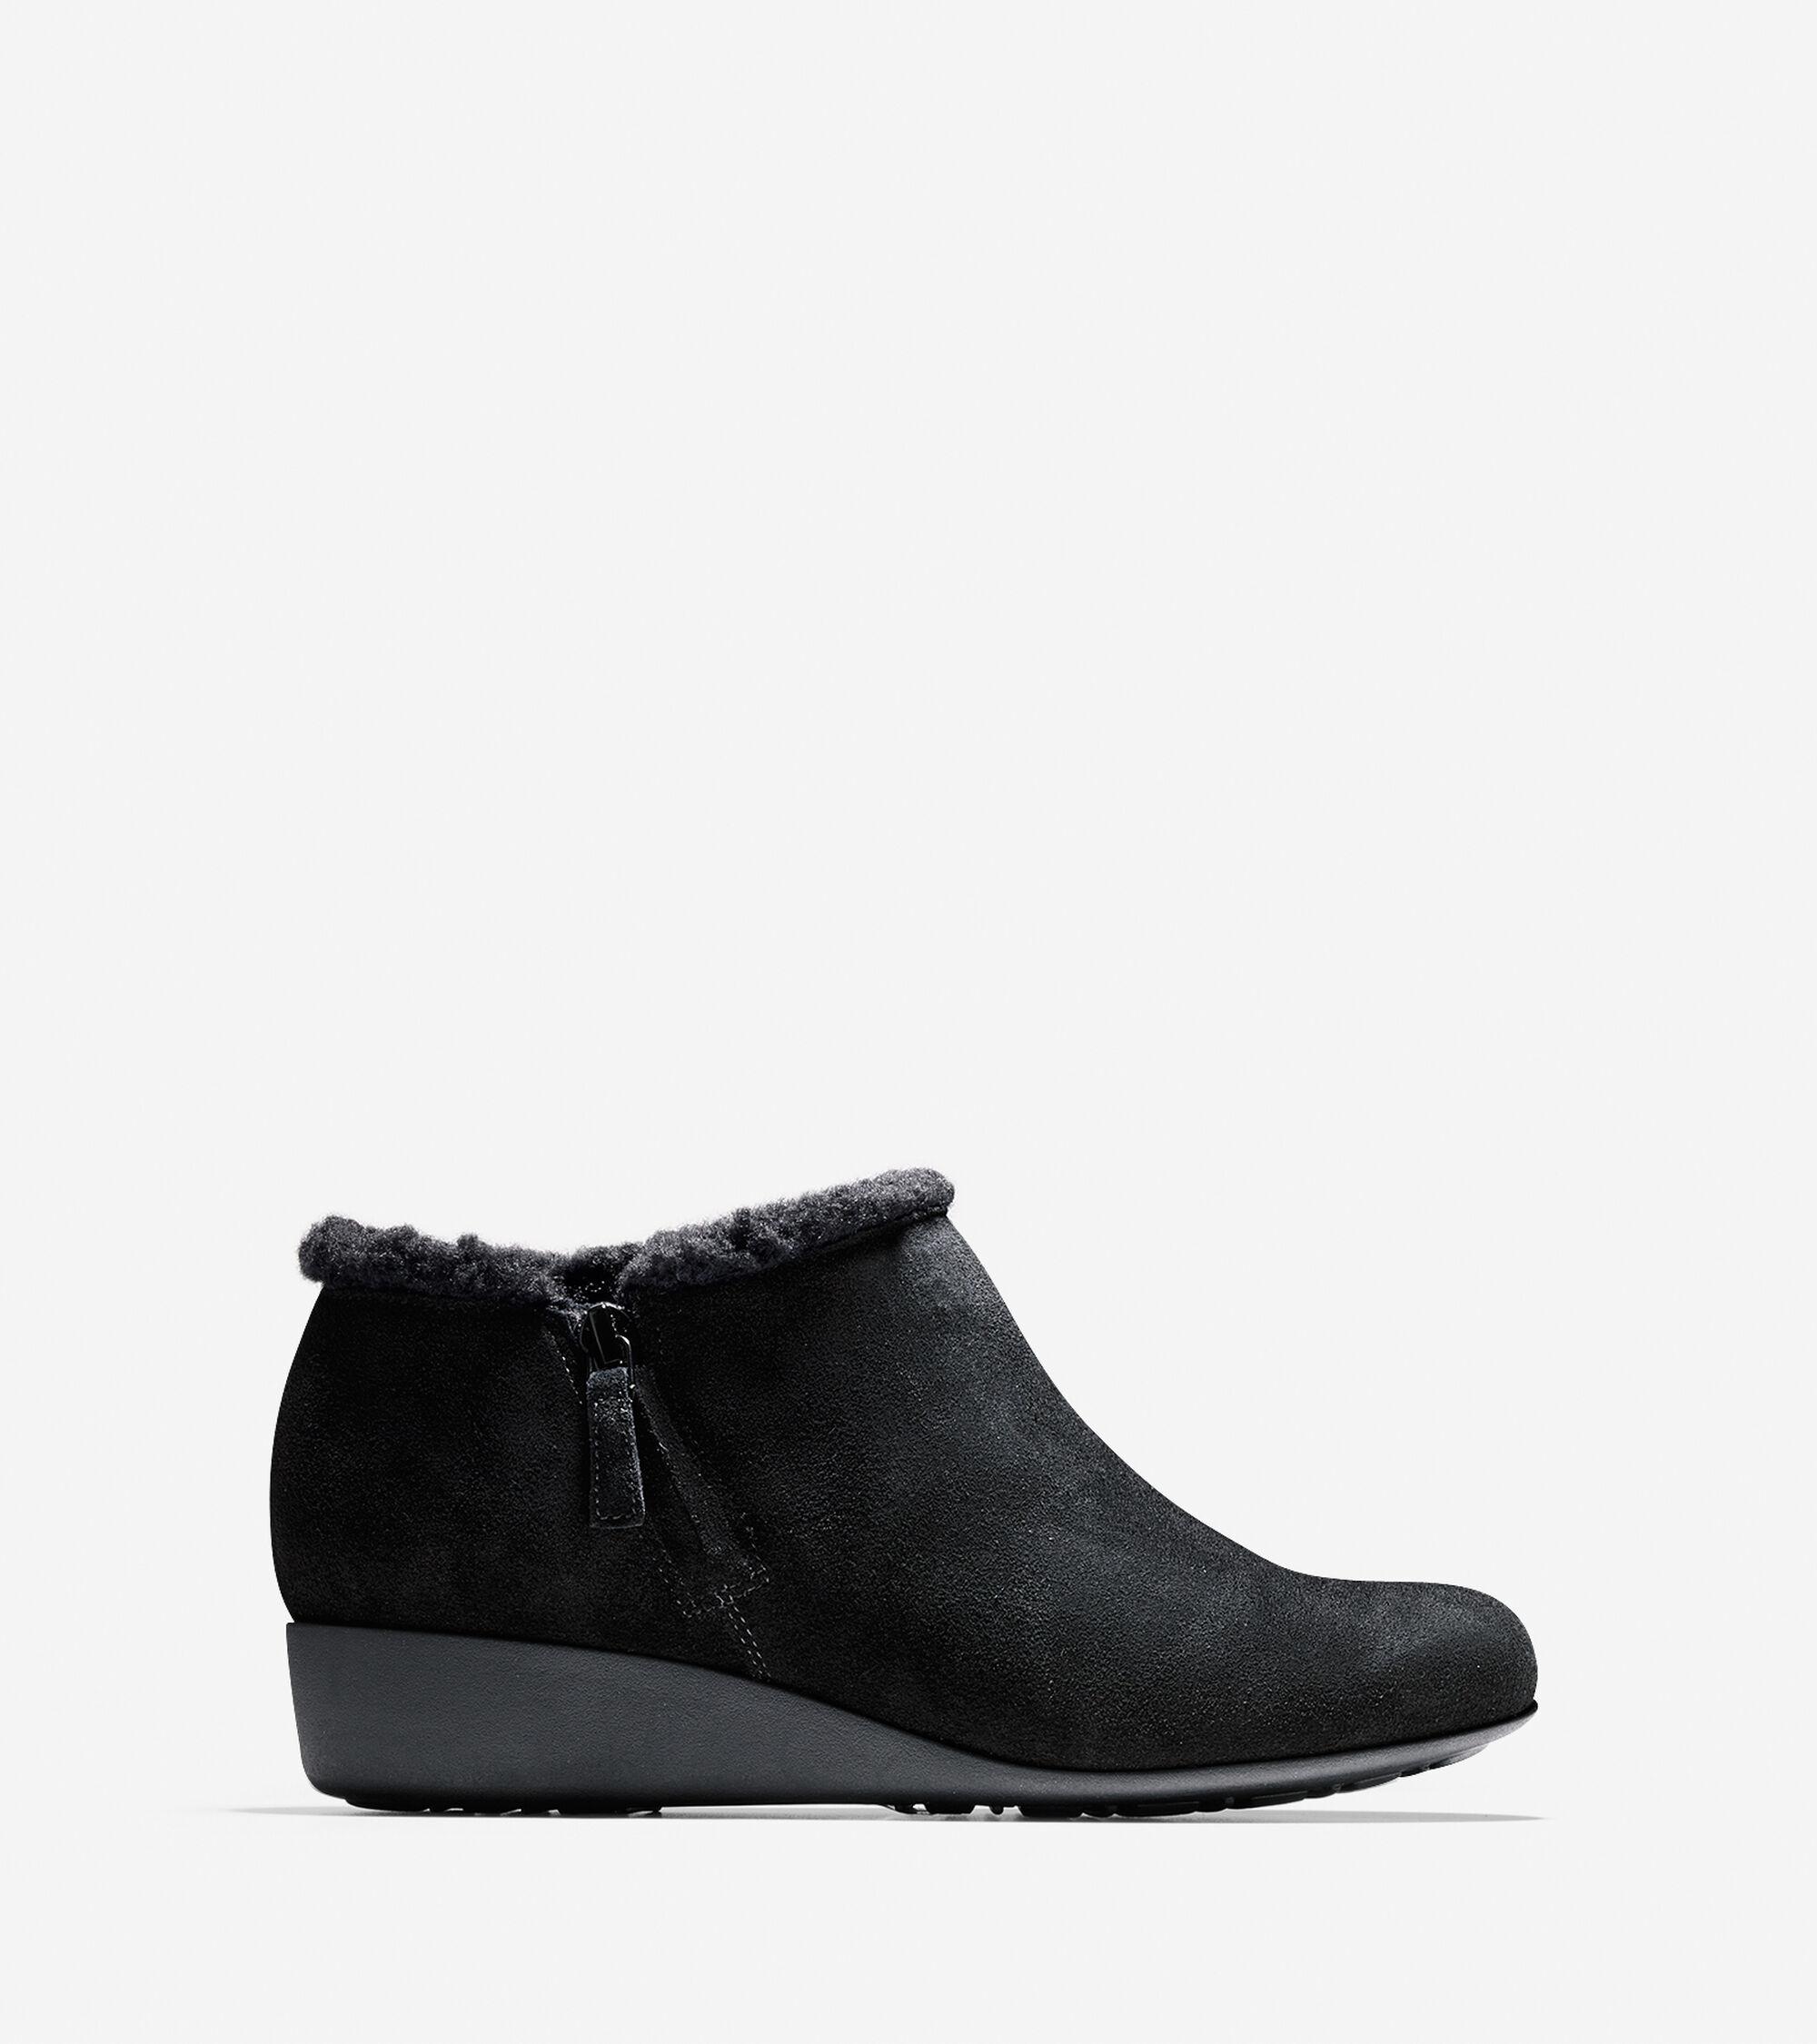 Womens Cole Haan Callie Shearling Rain Shoe